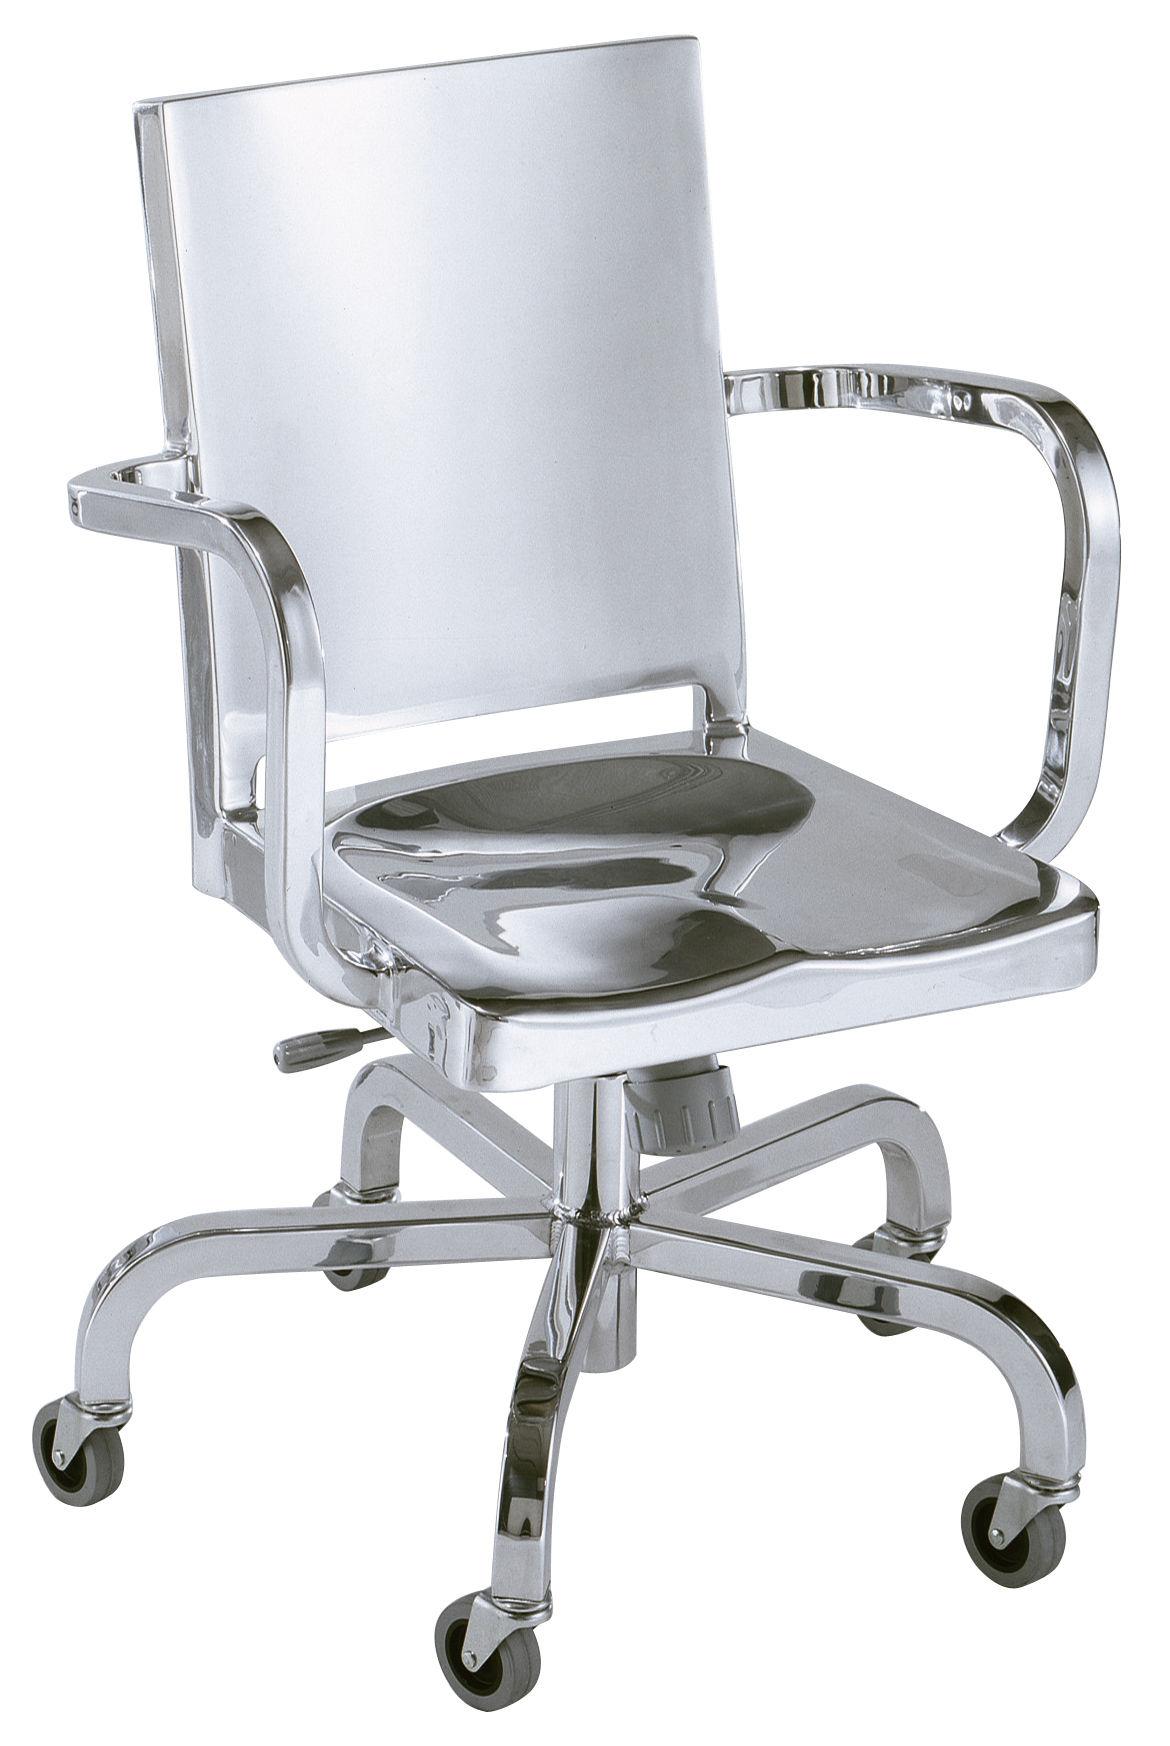 Mobilier - Fauteuils de bureau - Fauteuil à roulettes Hudson Indoor / Alu poli - Emeco - Alu poli (indoor) - Aluminium poli